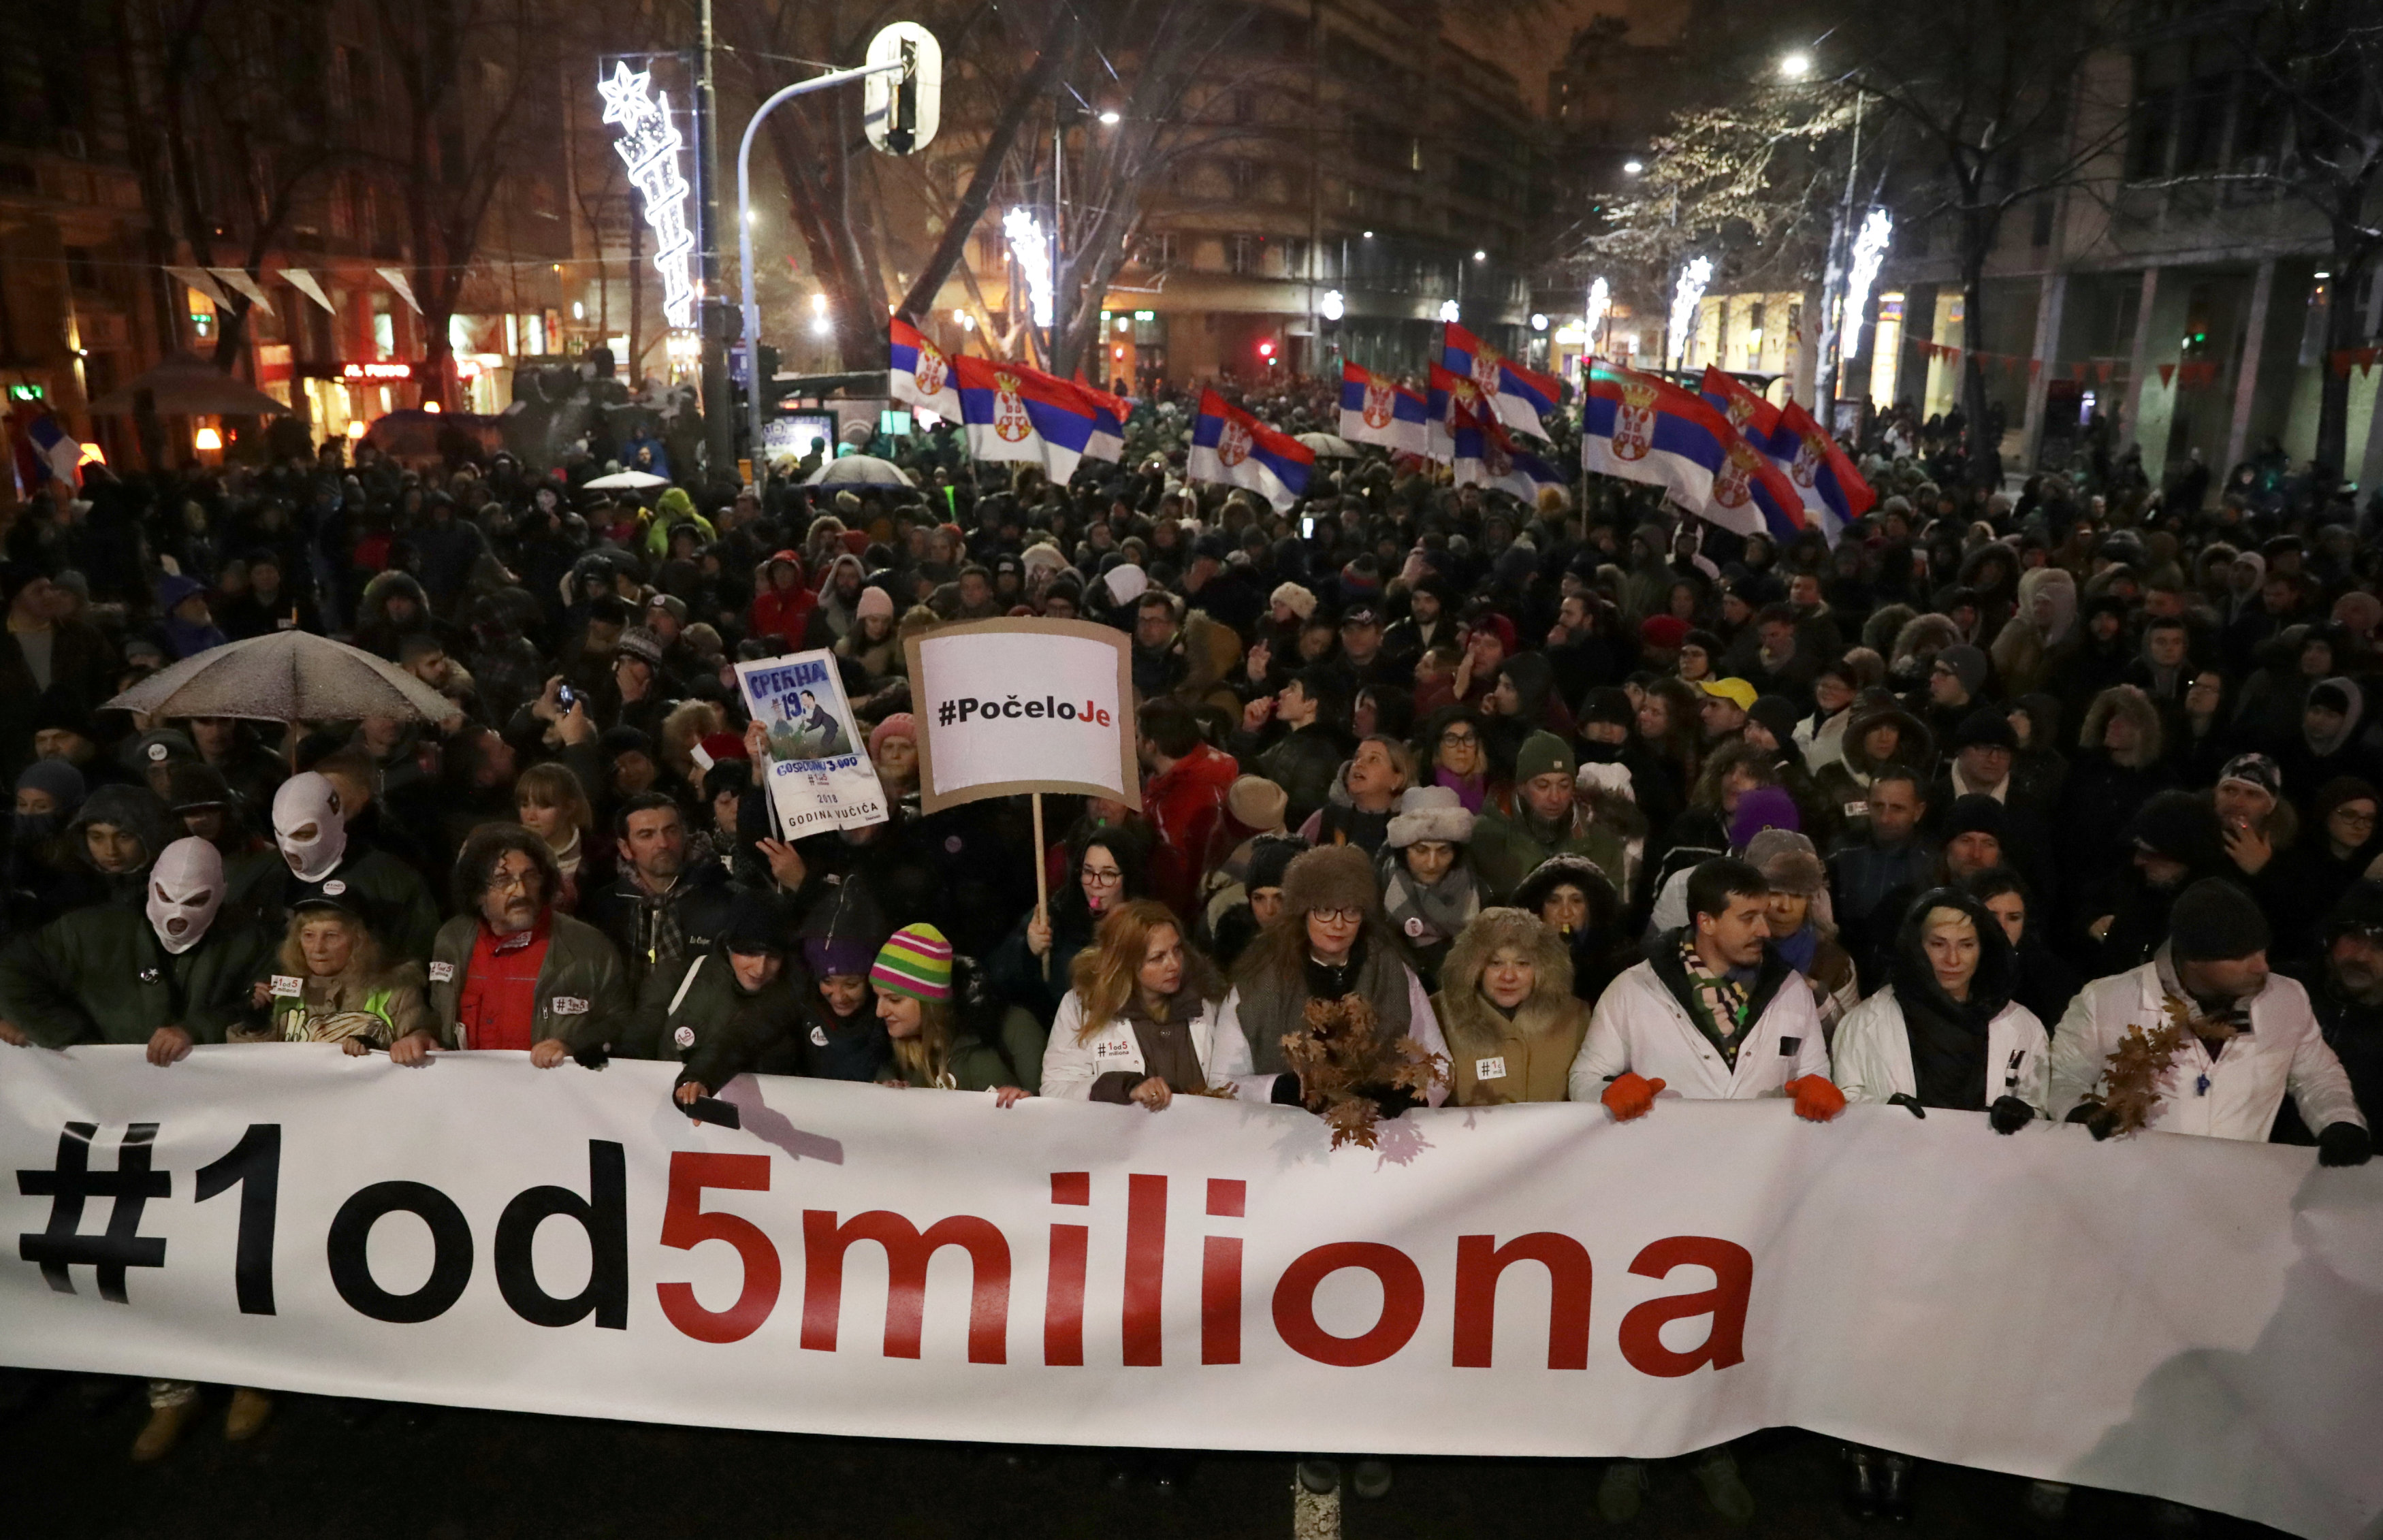 الاحتجاجات الحاشدة ضد الرئيس الصربى فى شوارع بلجراد (9)